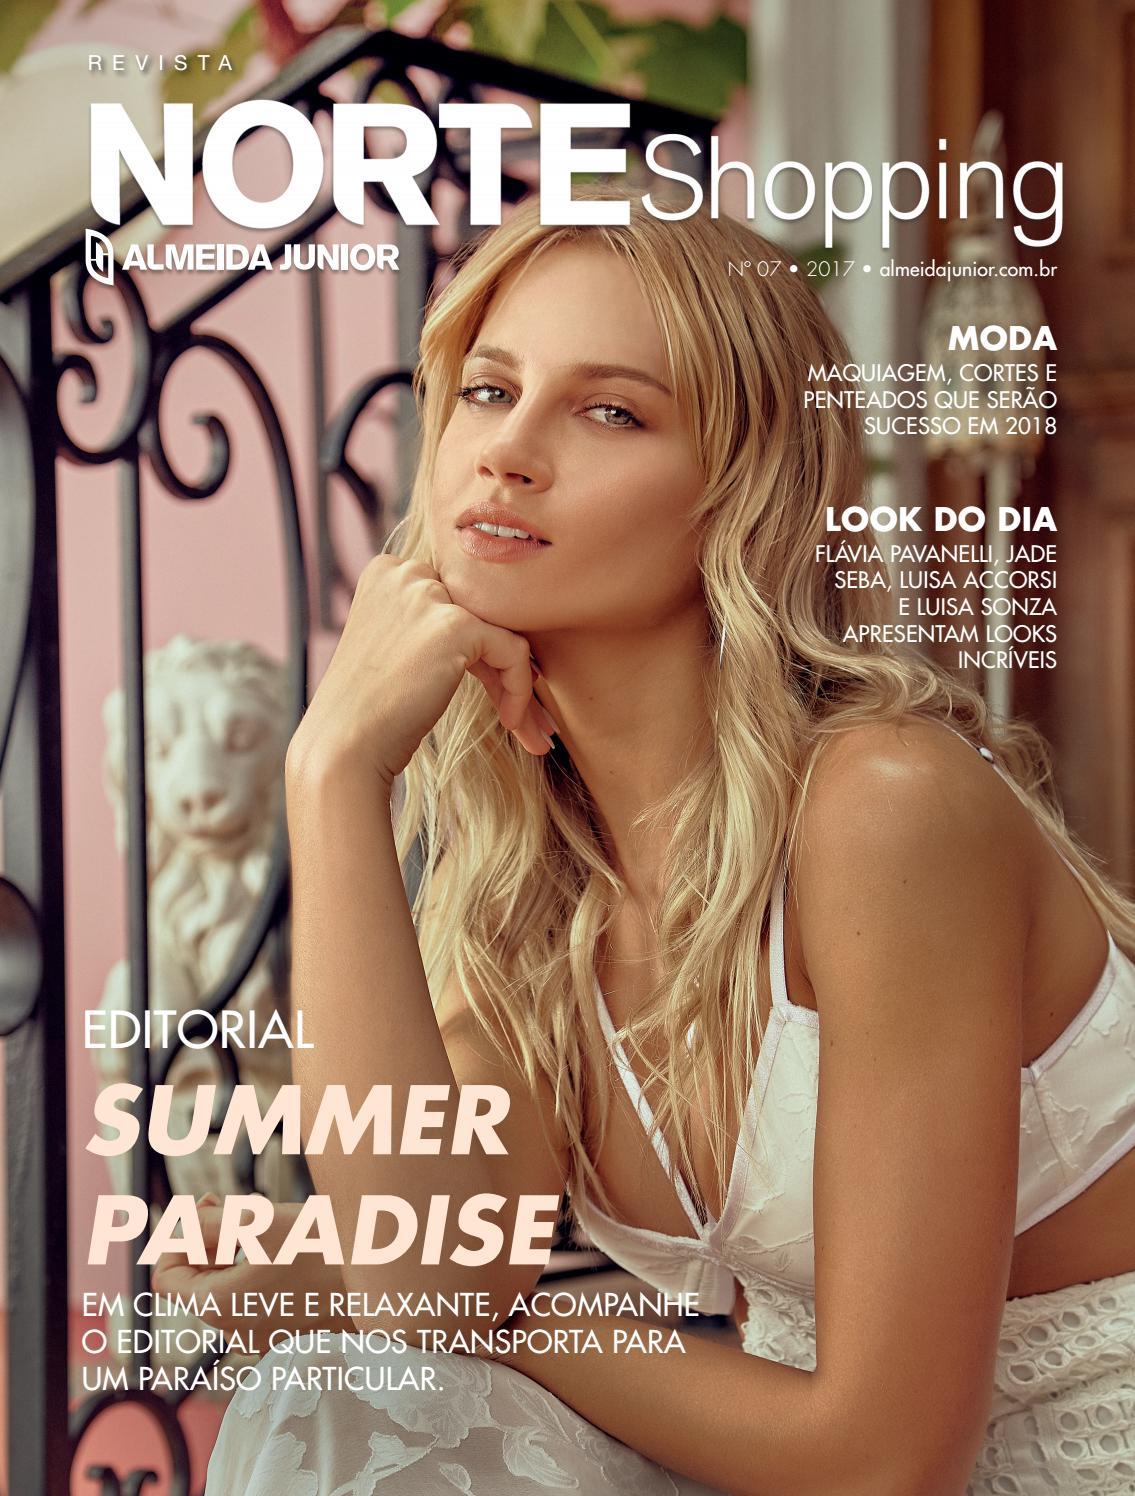 33ab632bd Revista Norte Shopping by Almeida Junior - issuu